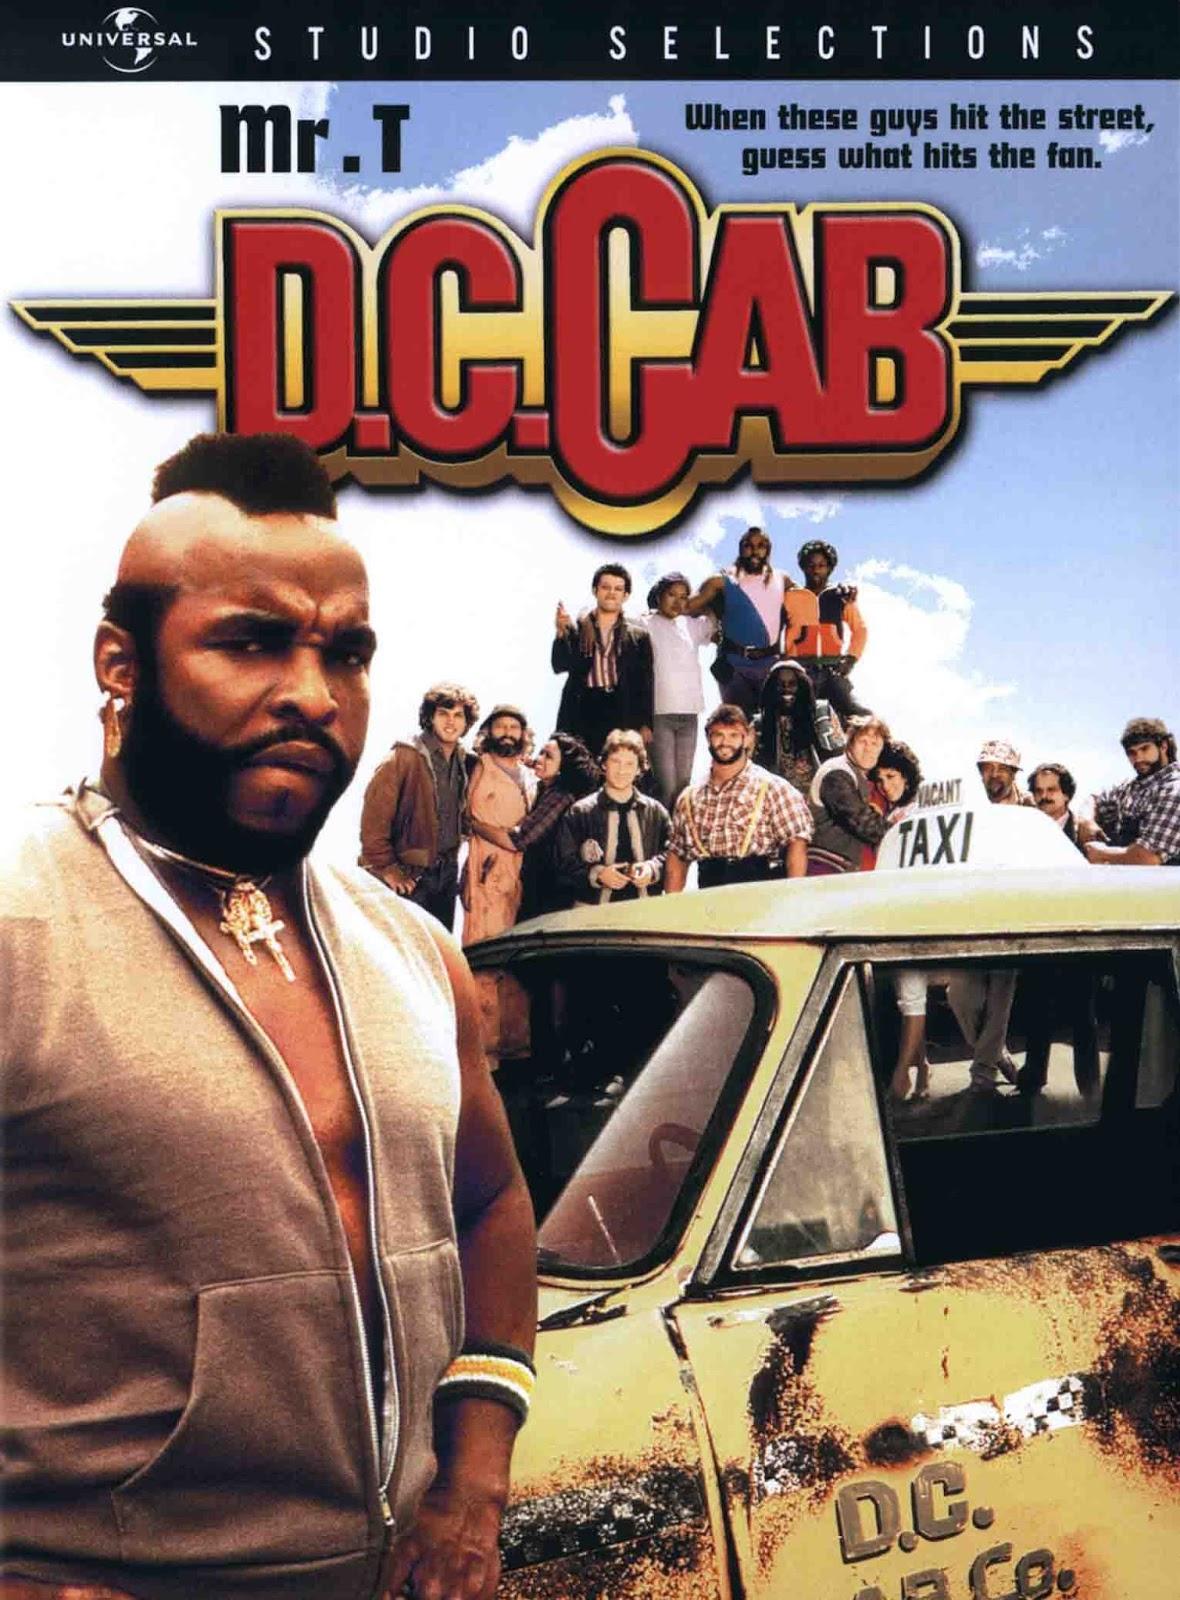 D.C. Cab Taxi Especial Torrent – Blu-ray Rip 1080p Dual Áudio (1983)